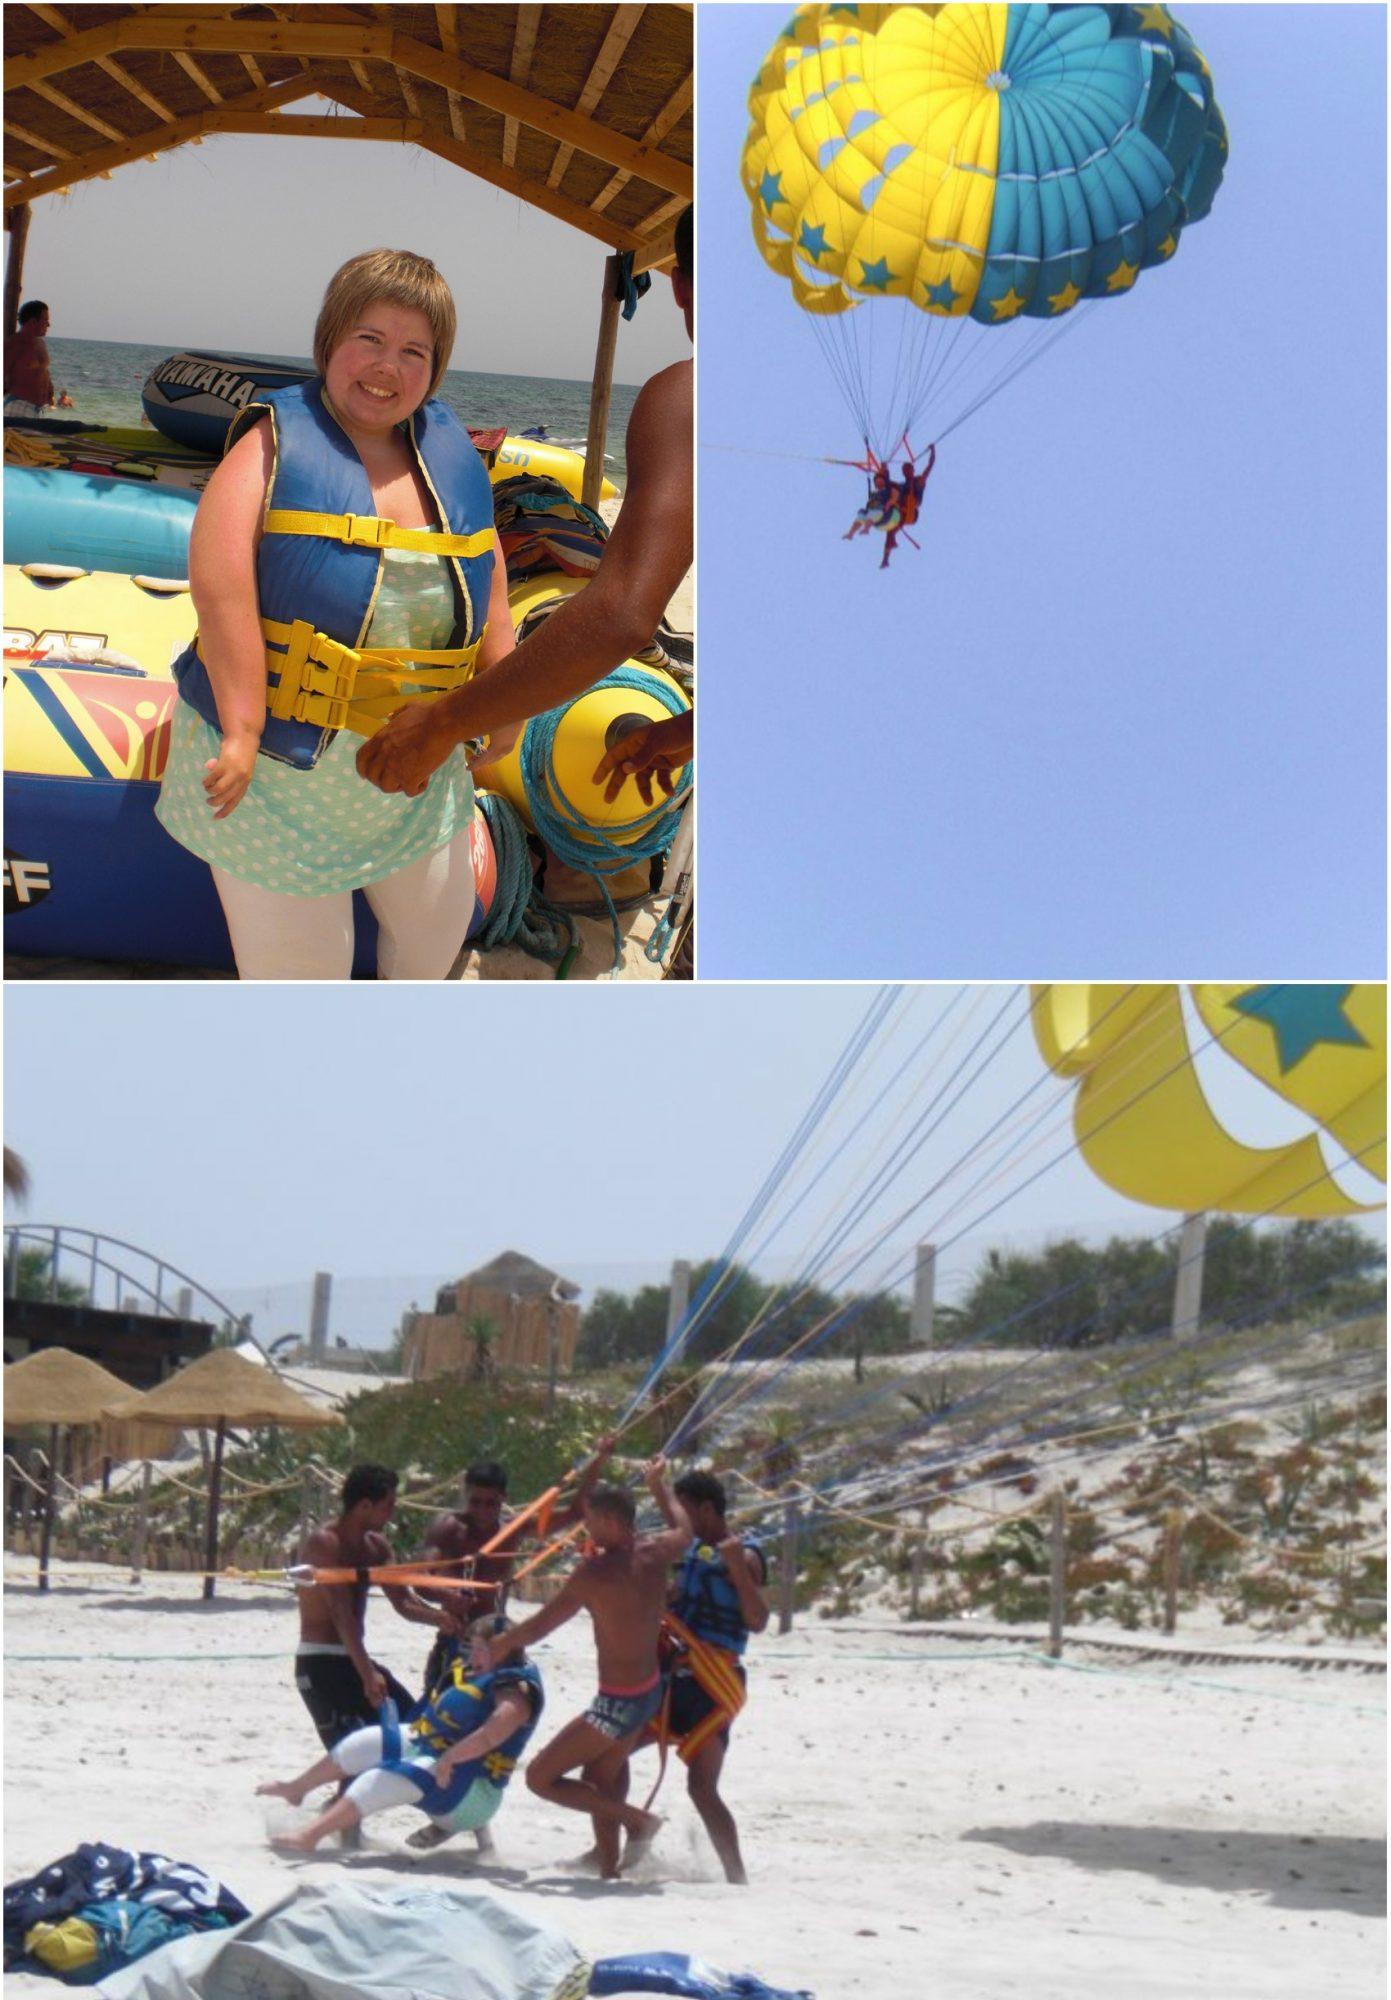 Tredelt bildecollage: 1. meg på stranda med redningsvest på. 2. Avstandsbilde av at jeg paraseiler med ledsager i blå himmel. 3. Take-off bilde fra stranda hvor tre solbrune gutter holder meg oppe i sela.